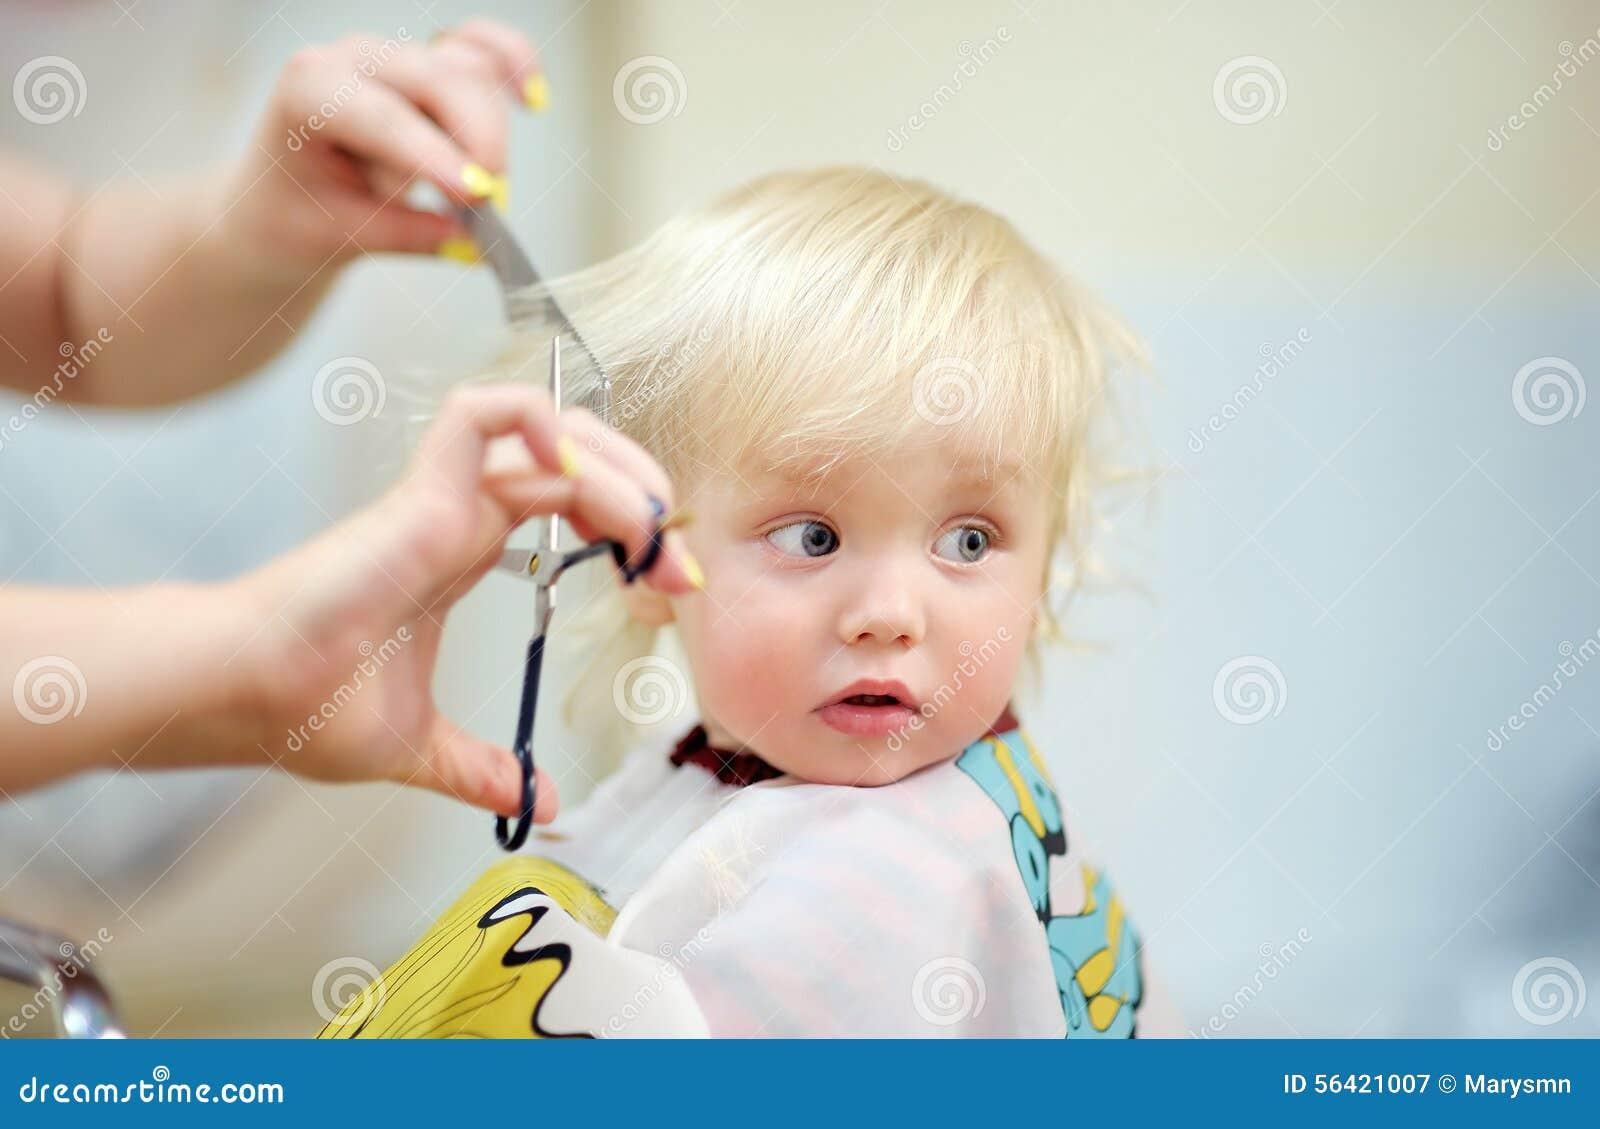 Ребенок боится стричь волосы